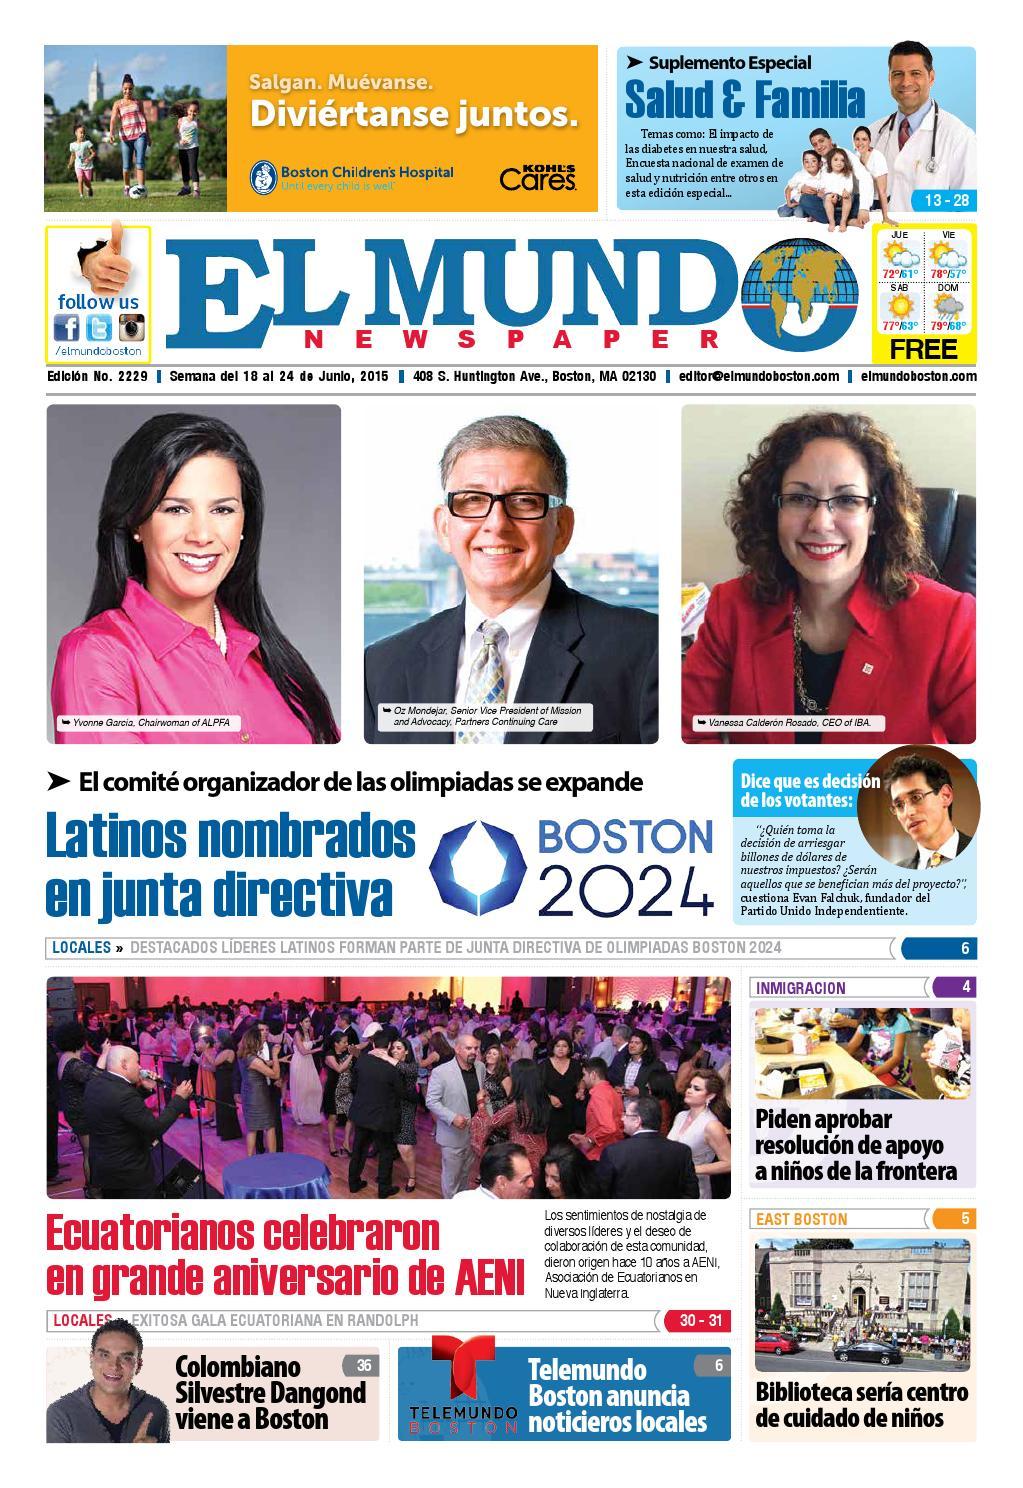 El Mundo Newspaper No 2229 06 18 15 By El Mundo Boston  # Muebles Dangond